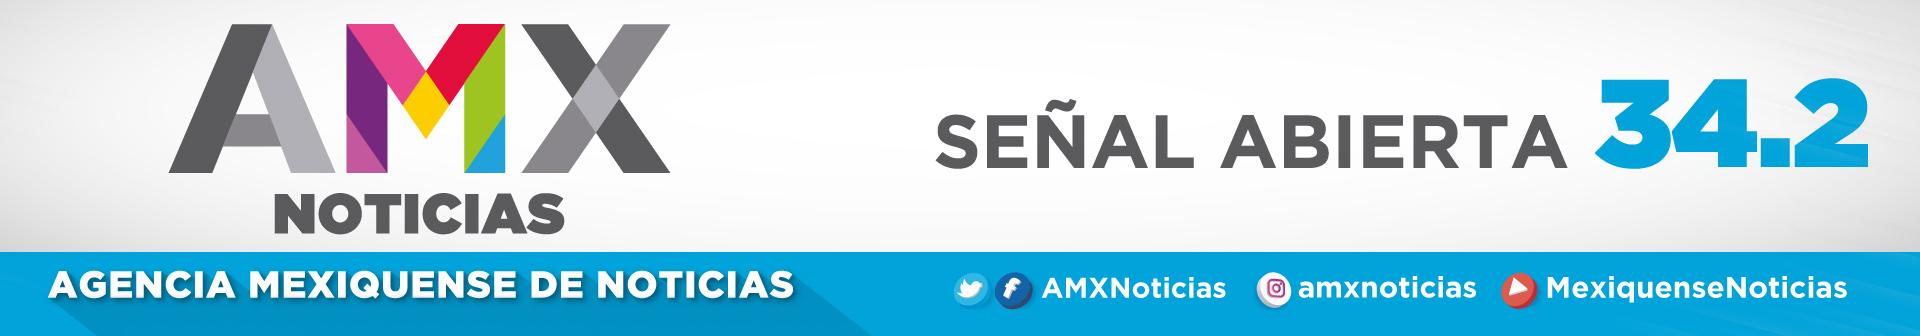 Banner_AMX_1920x336